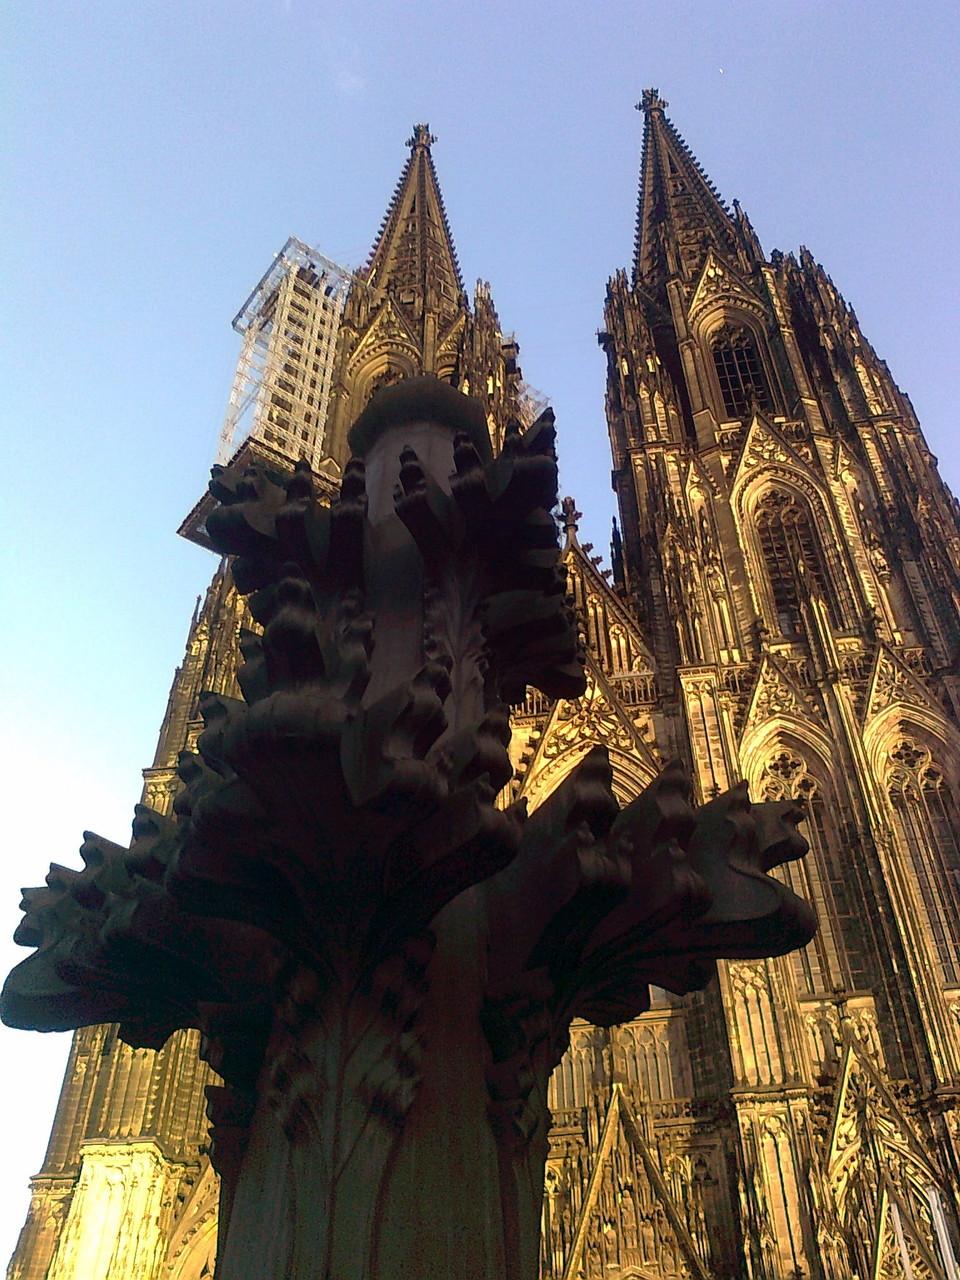 Startpunkt der Kölner Dom Führung: Die Kreuzblume vor der Westfassade